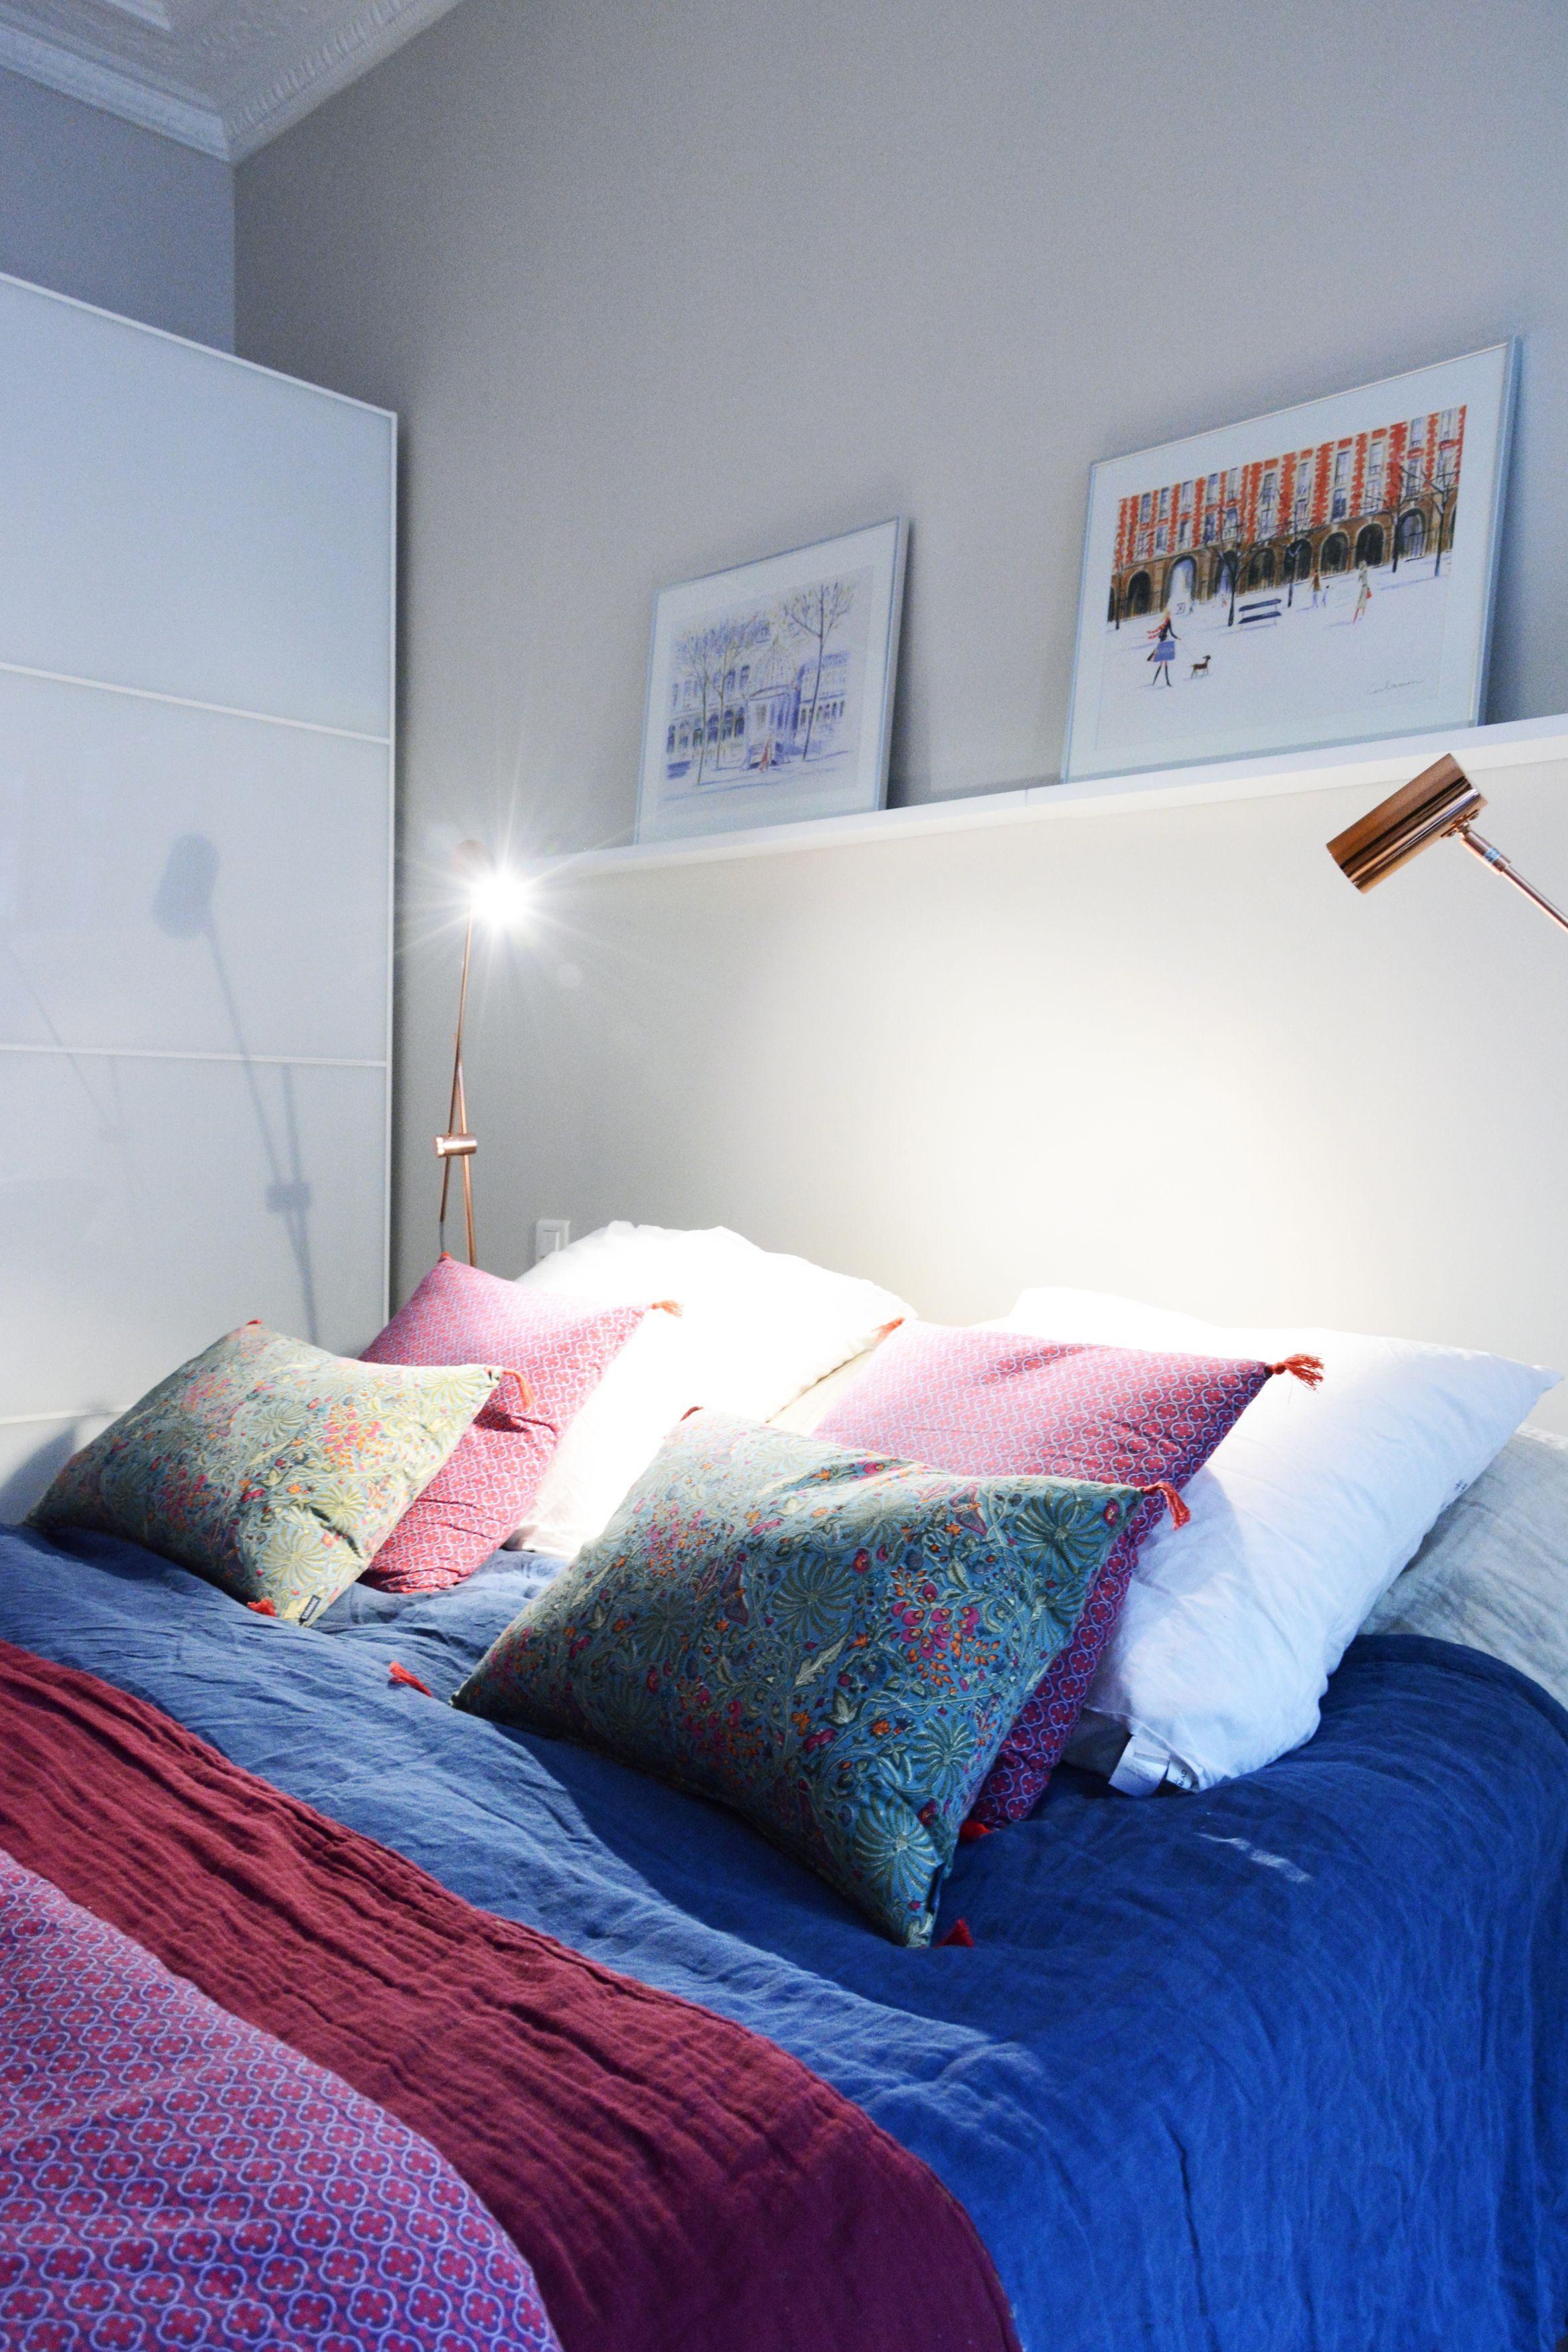 Caravane Linge De Lit Impressionnant Chambre Douillette Dans Un Appartement Parisien Linge De Lit